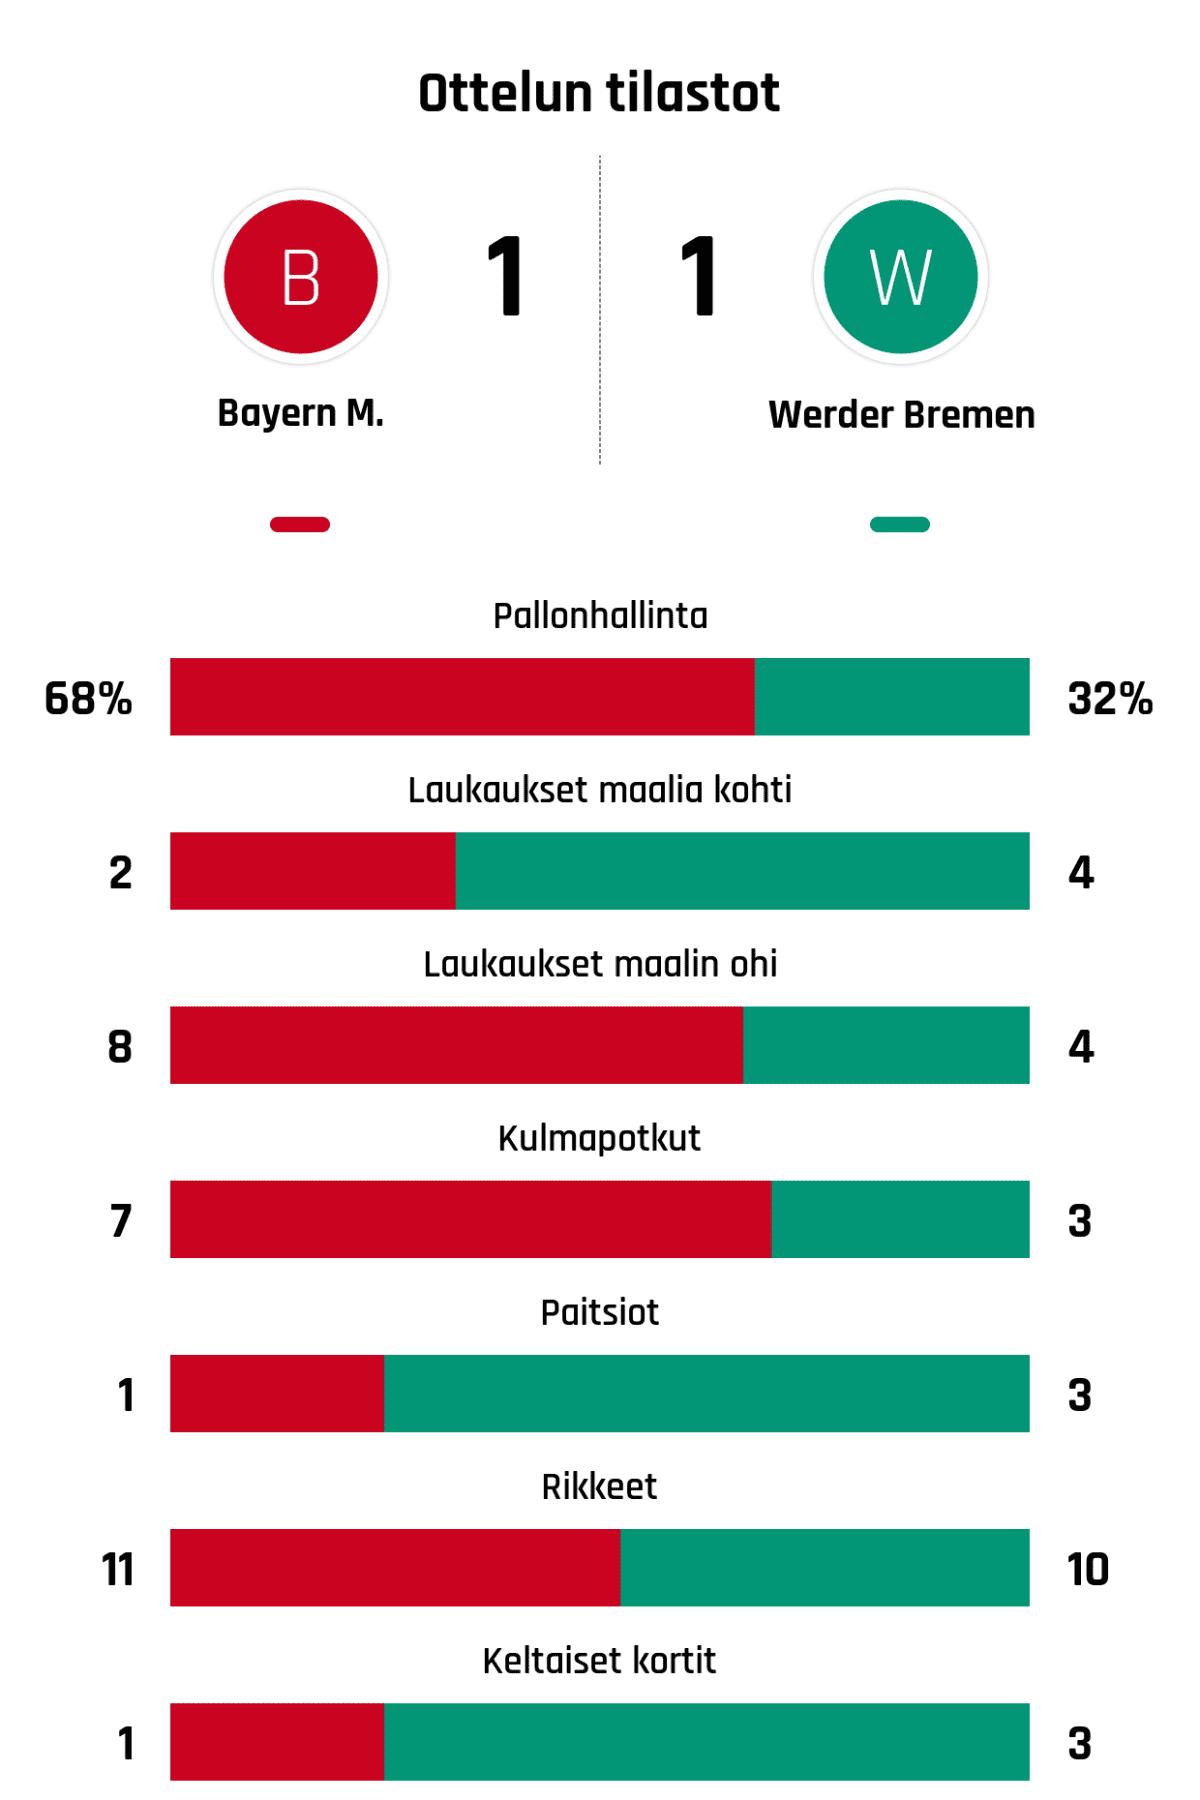 Pallonhallinta 68%-32% Laukaukset maalia kohti 2-4 Laukaukset maalin ohi 8-4 Kulmapotkut 7-3 Paitsiot 1-3 Rikkeet 11-10 Keltaiset kortit 1-3